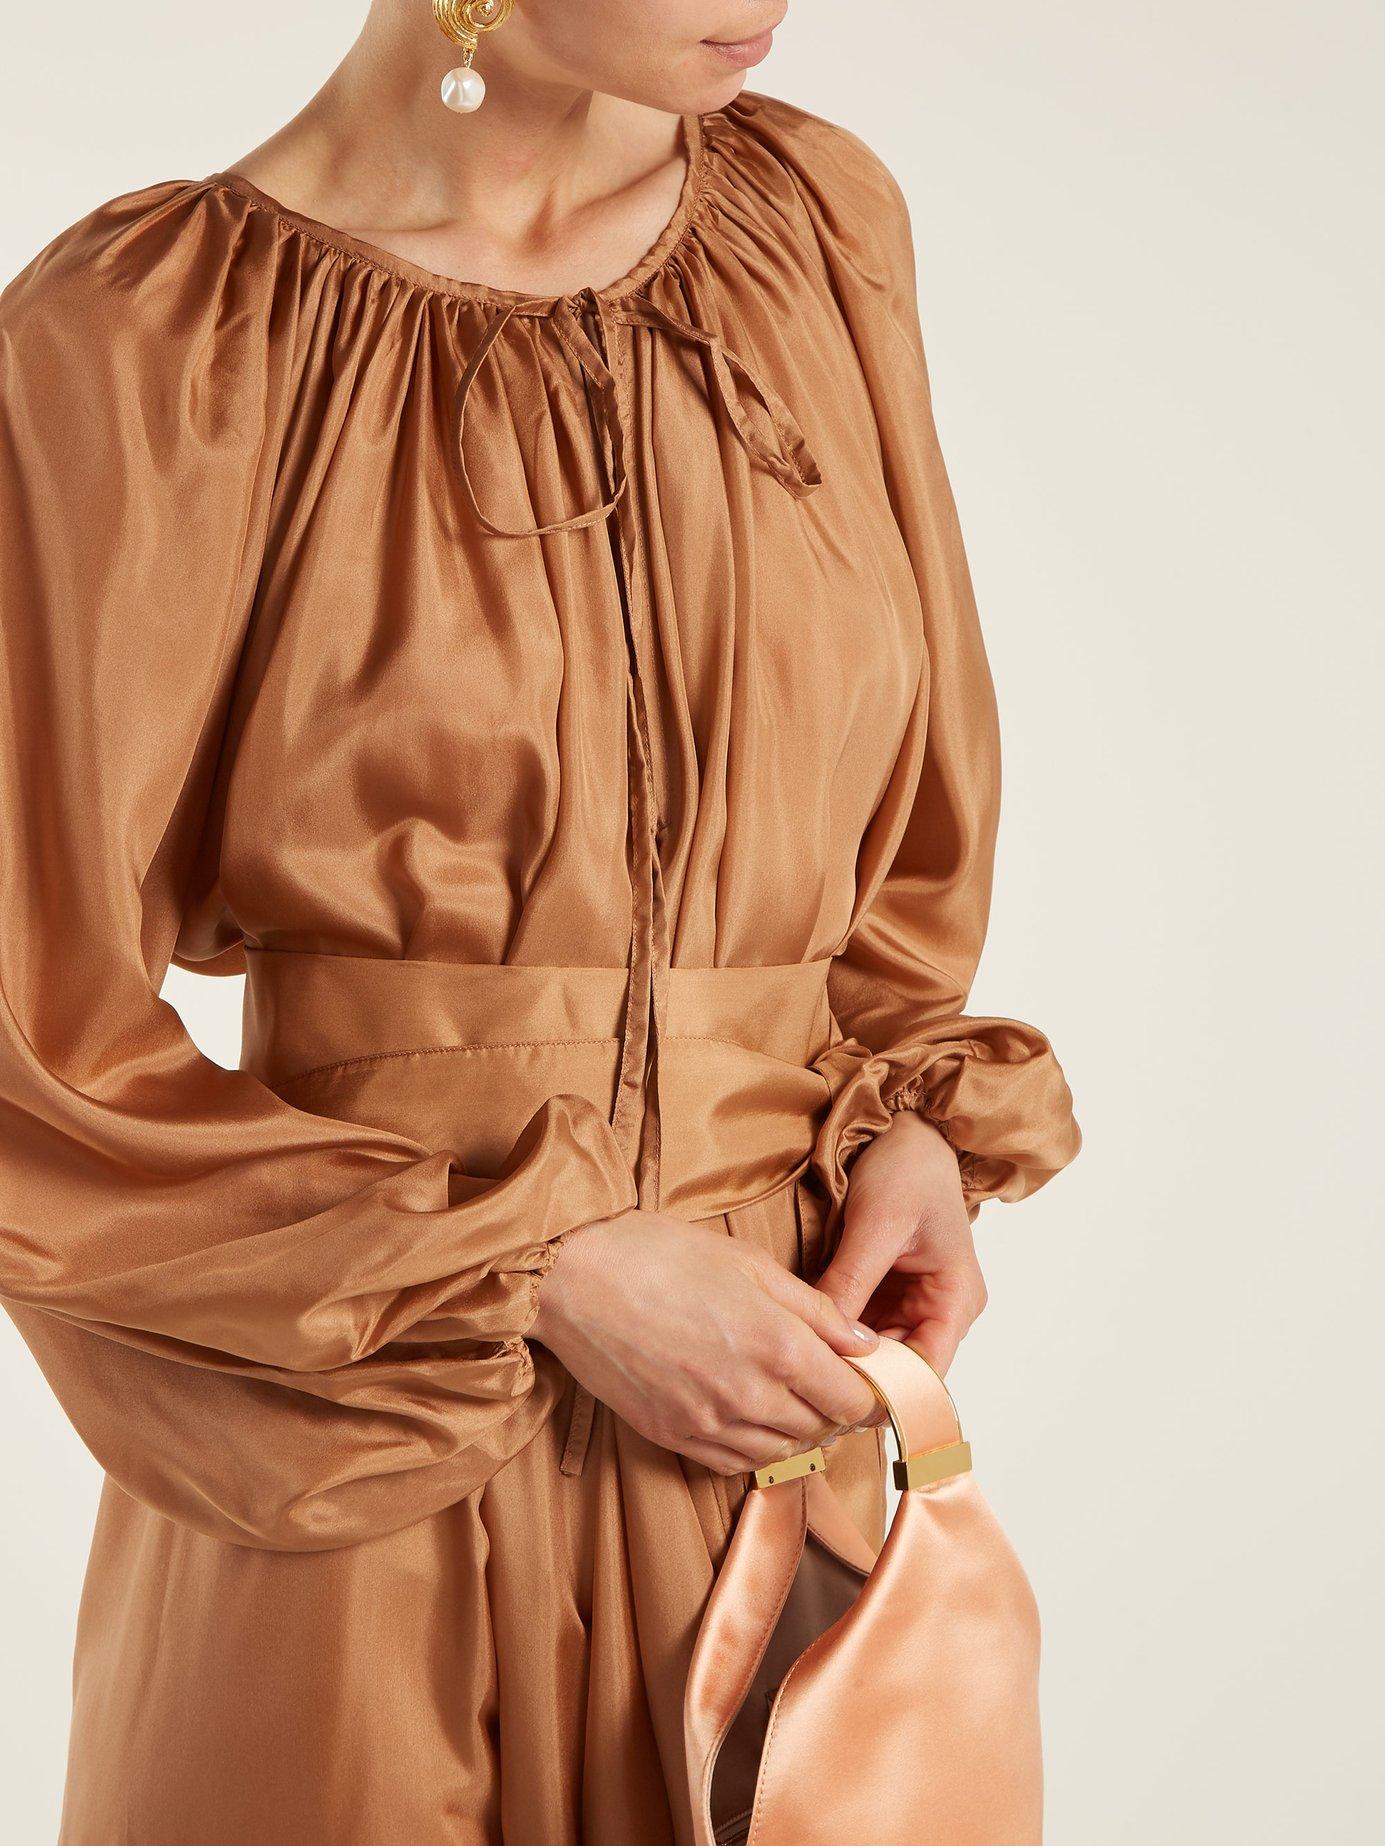 Andromeda silk maxi dress by Kalita